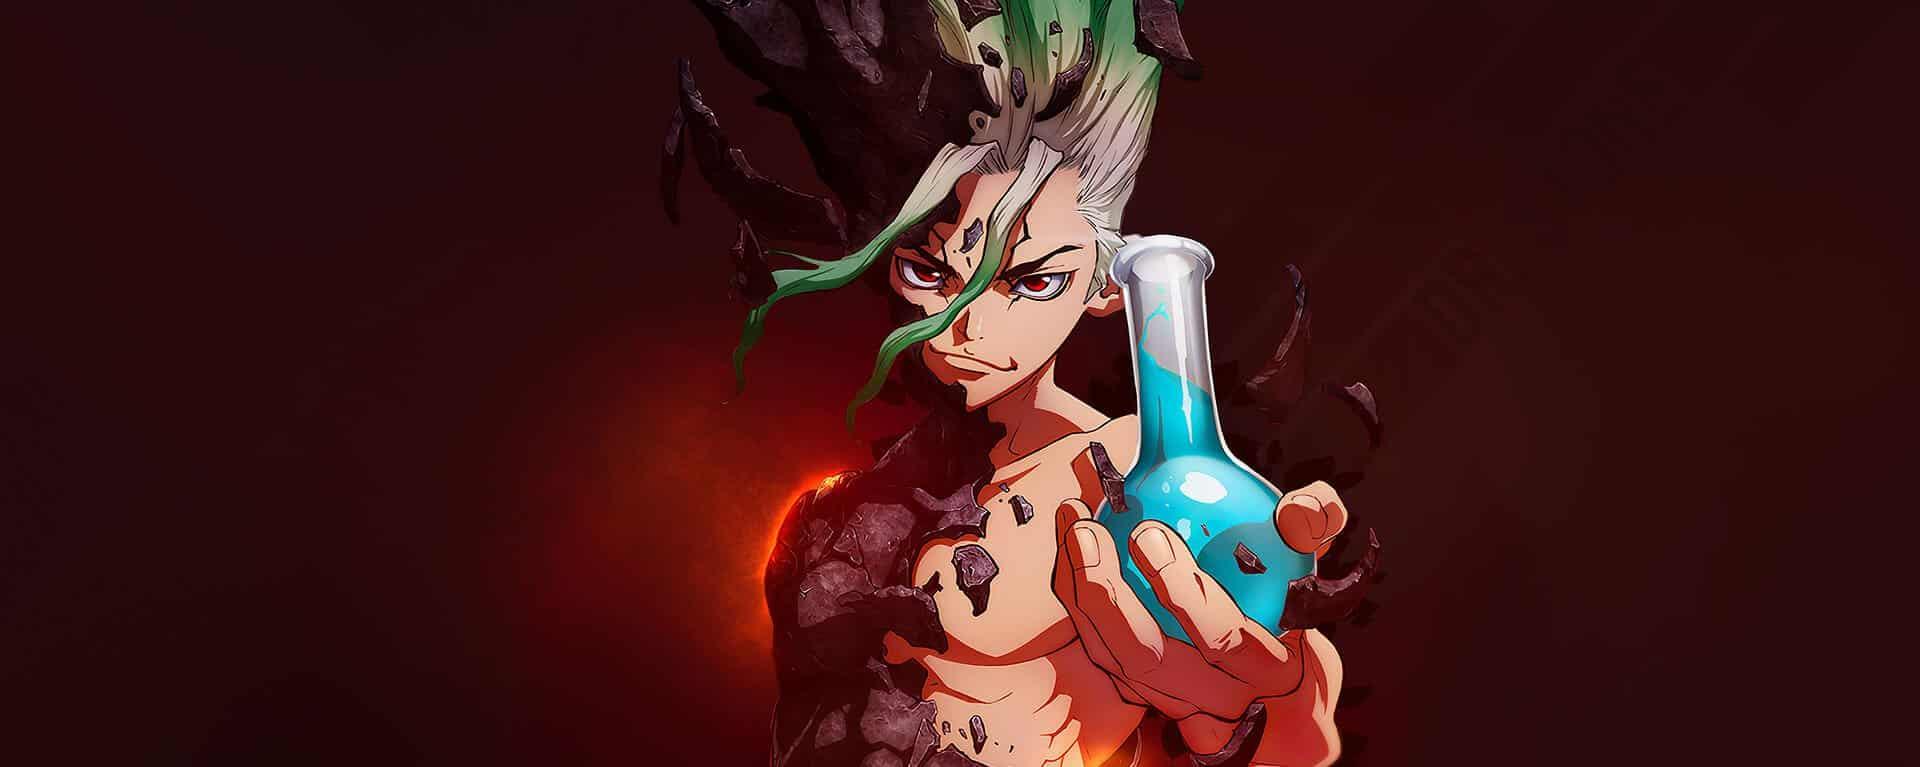 Protagonista do anime Doctor Stone chamado senku com uma ampulheta